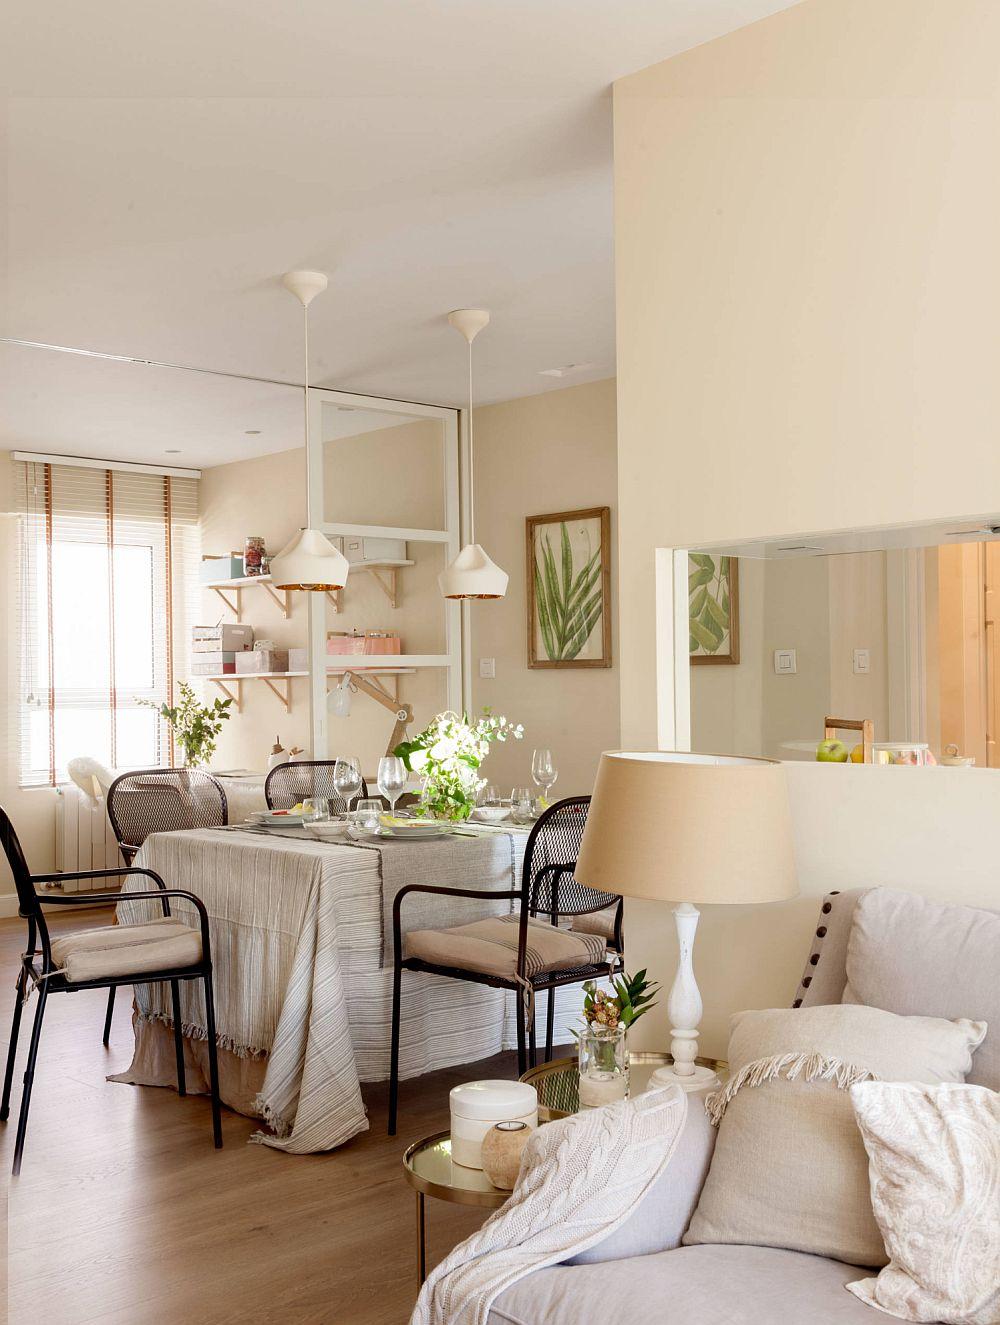 Locul de luat masa este situat în centrul locuinței. Designerul a prevăzut această poziționare în condițiile în care pereții de compartimentare au fost desființați, iar lumina naturală ajunge din ambele laturi ale locuinței către locul de luat masa.